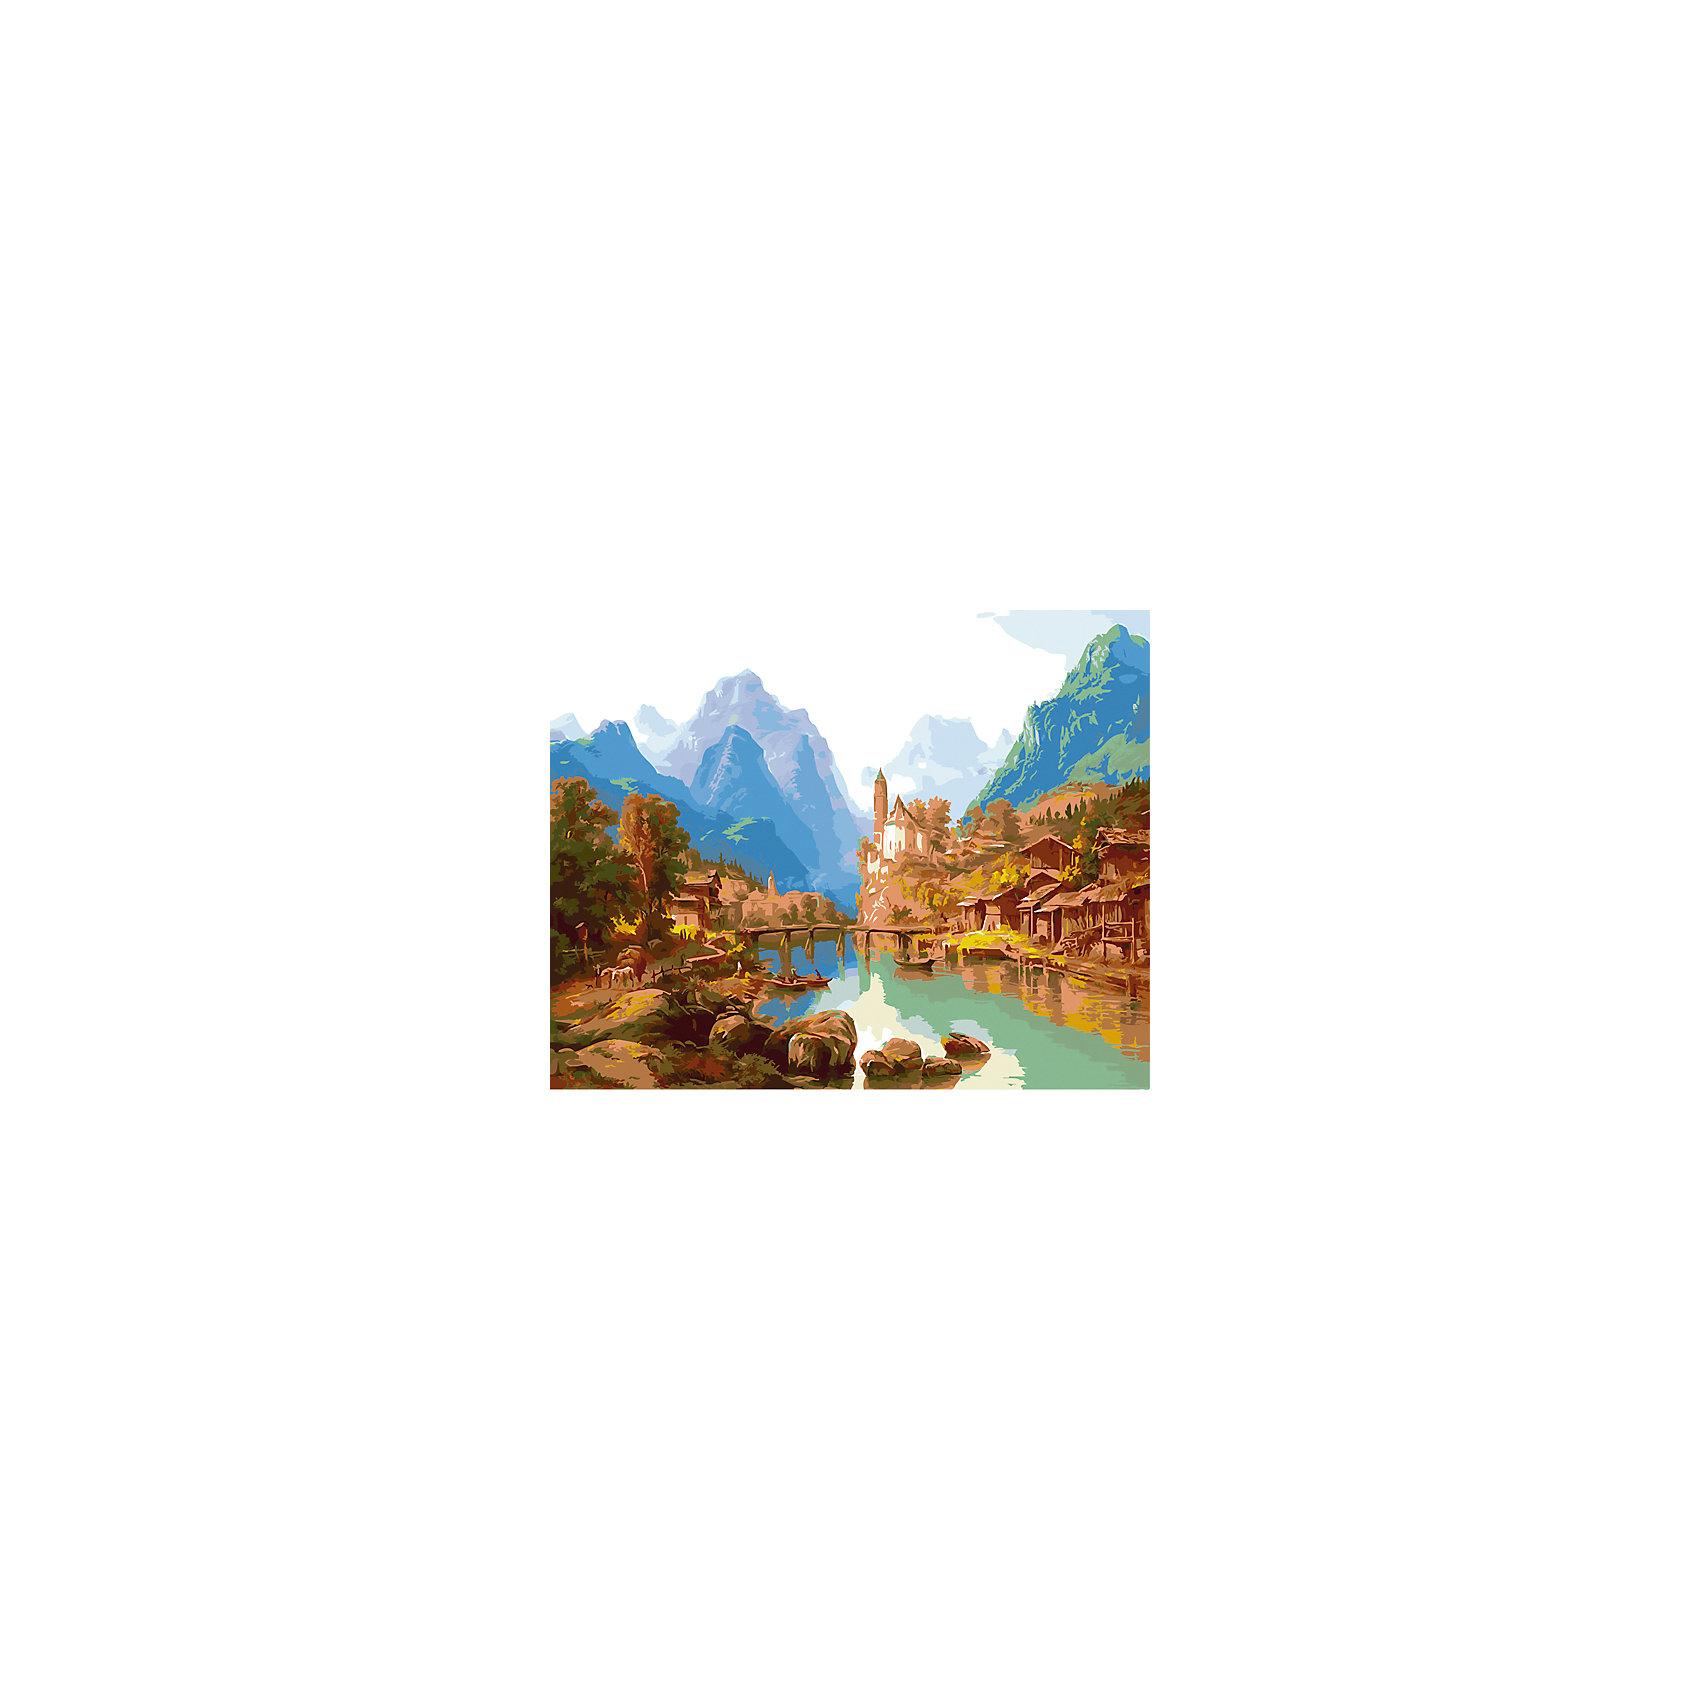 Холст с красками по номерам Горный пейзаж 40х50Рисование<br>замечательные наборы для создания уникального шедевра изобразительного искусства. Создание картин на специально подготовленной рабочей поверхности – это уникальная техника, позволяющая делать Ваши шедевры более яркими и реалистичными. Просто нанесите мазки на уже готовый эскиз и оживите картину! Готовые изделия могут стать украшением интерьера или прекрасным подарком близким и друзьям.<br><br>Ширина мм: 510<br>Глубина мм: 410<br>Высота мм: 25<br>Вес г: 900<br>Возраст от месяцев: 36<br>Возраст до месяцев: 108<br>Пол: Унисекс<br>Возраст: Детский<br>SKU: 5096761